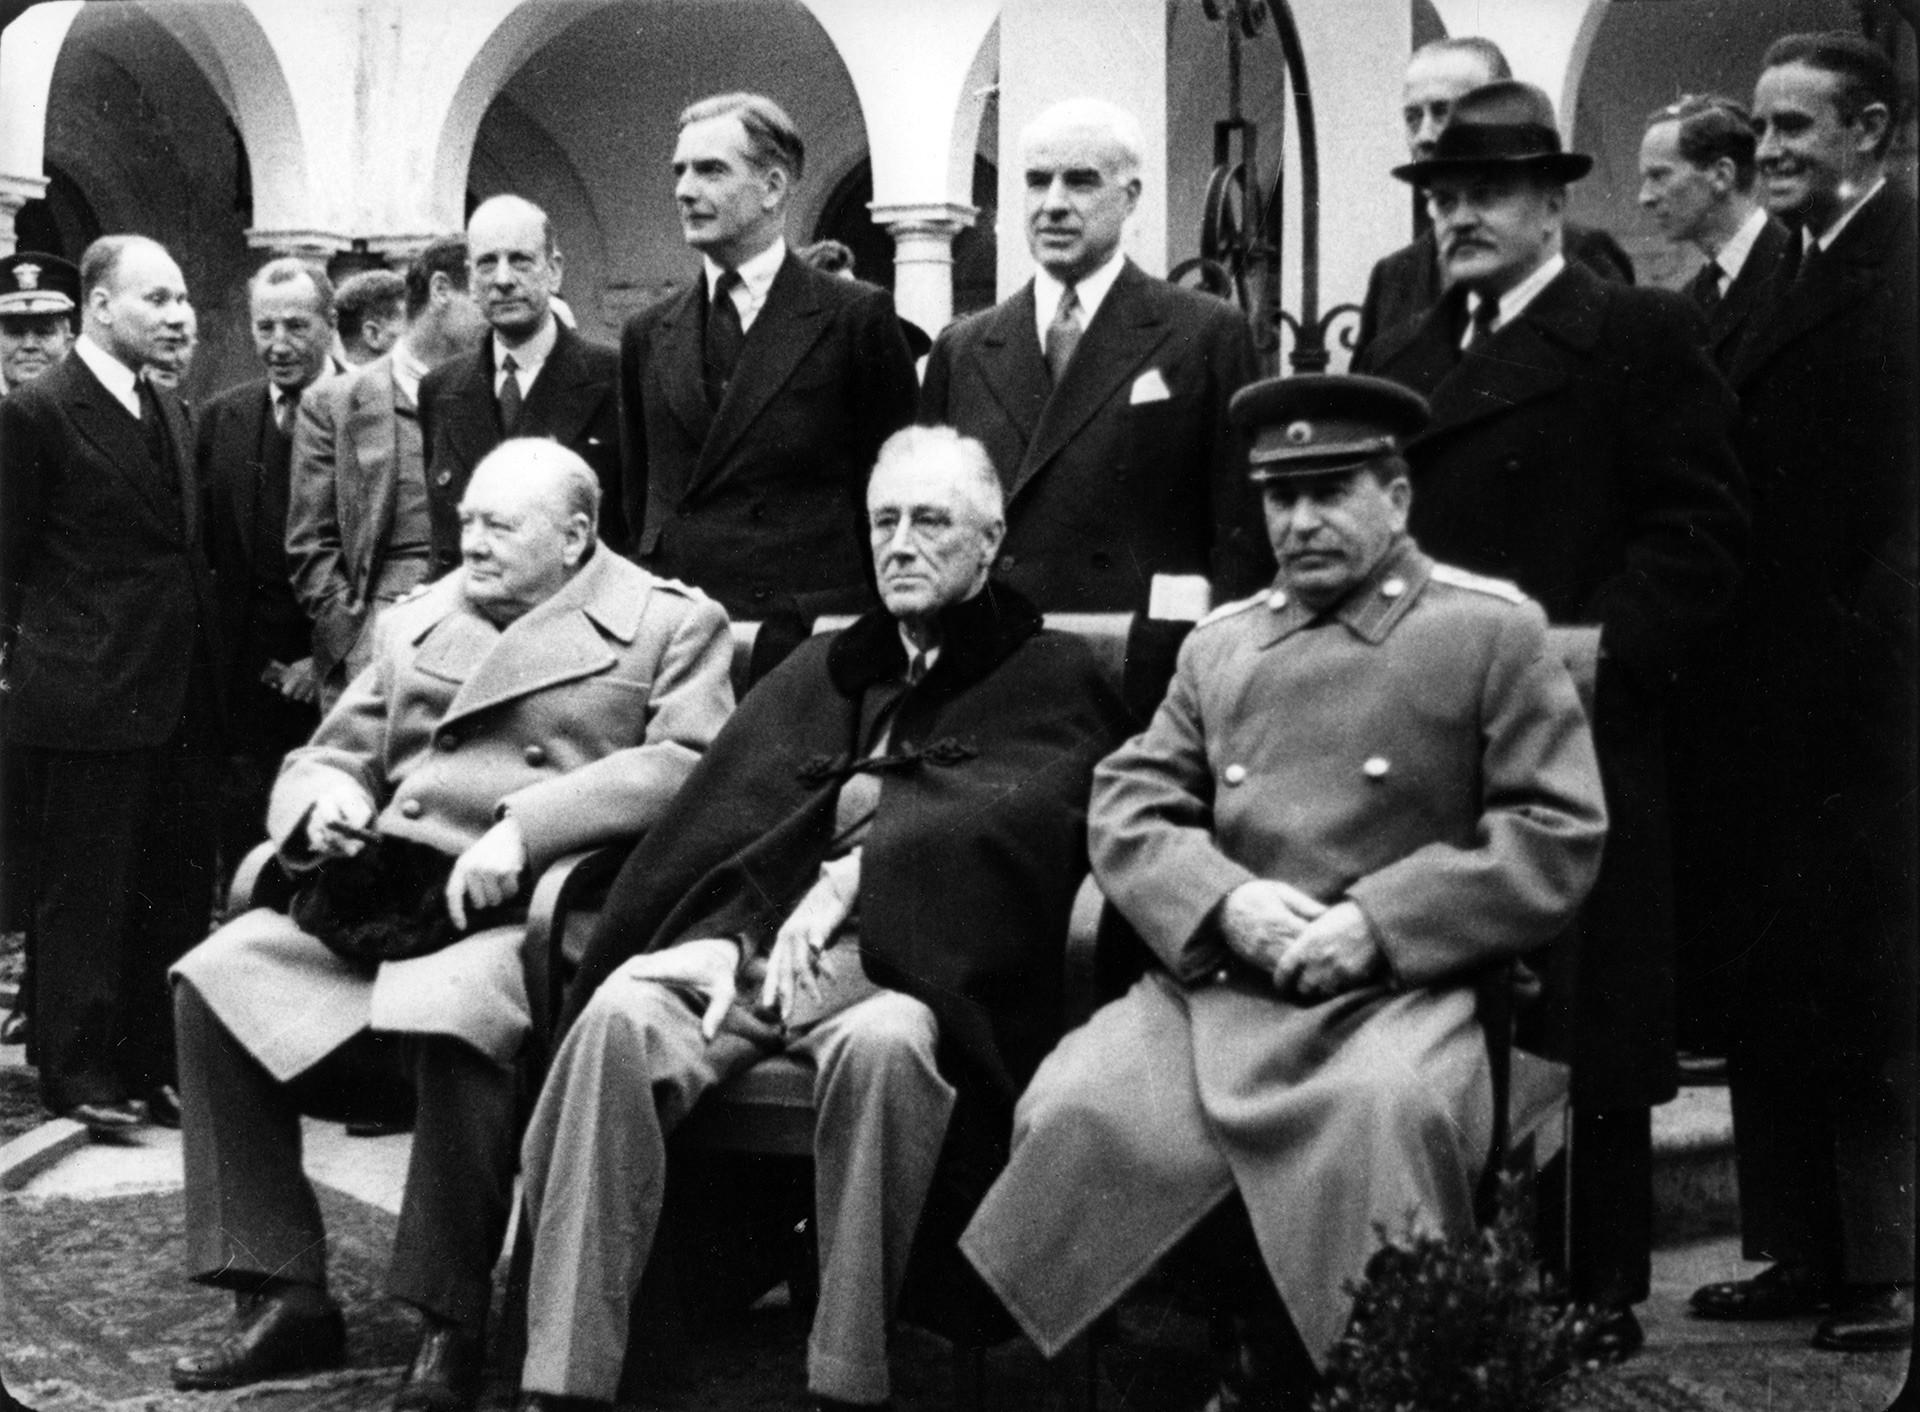 """""""Големата тројка"""" на Конференцијата во Јалта. На сликата: (одлево надесно) Јосиф Сталин, Френклин Рузвелт и Винстон Черчил."""